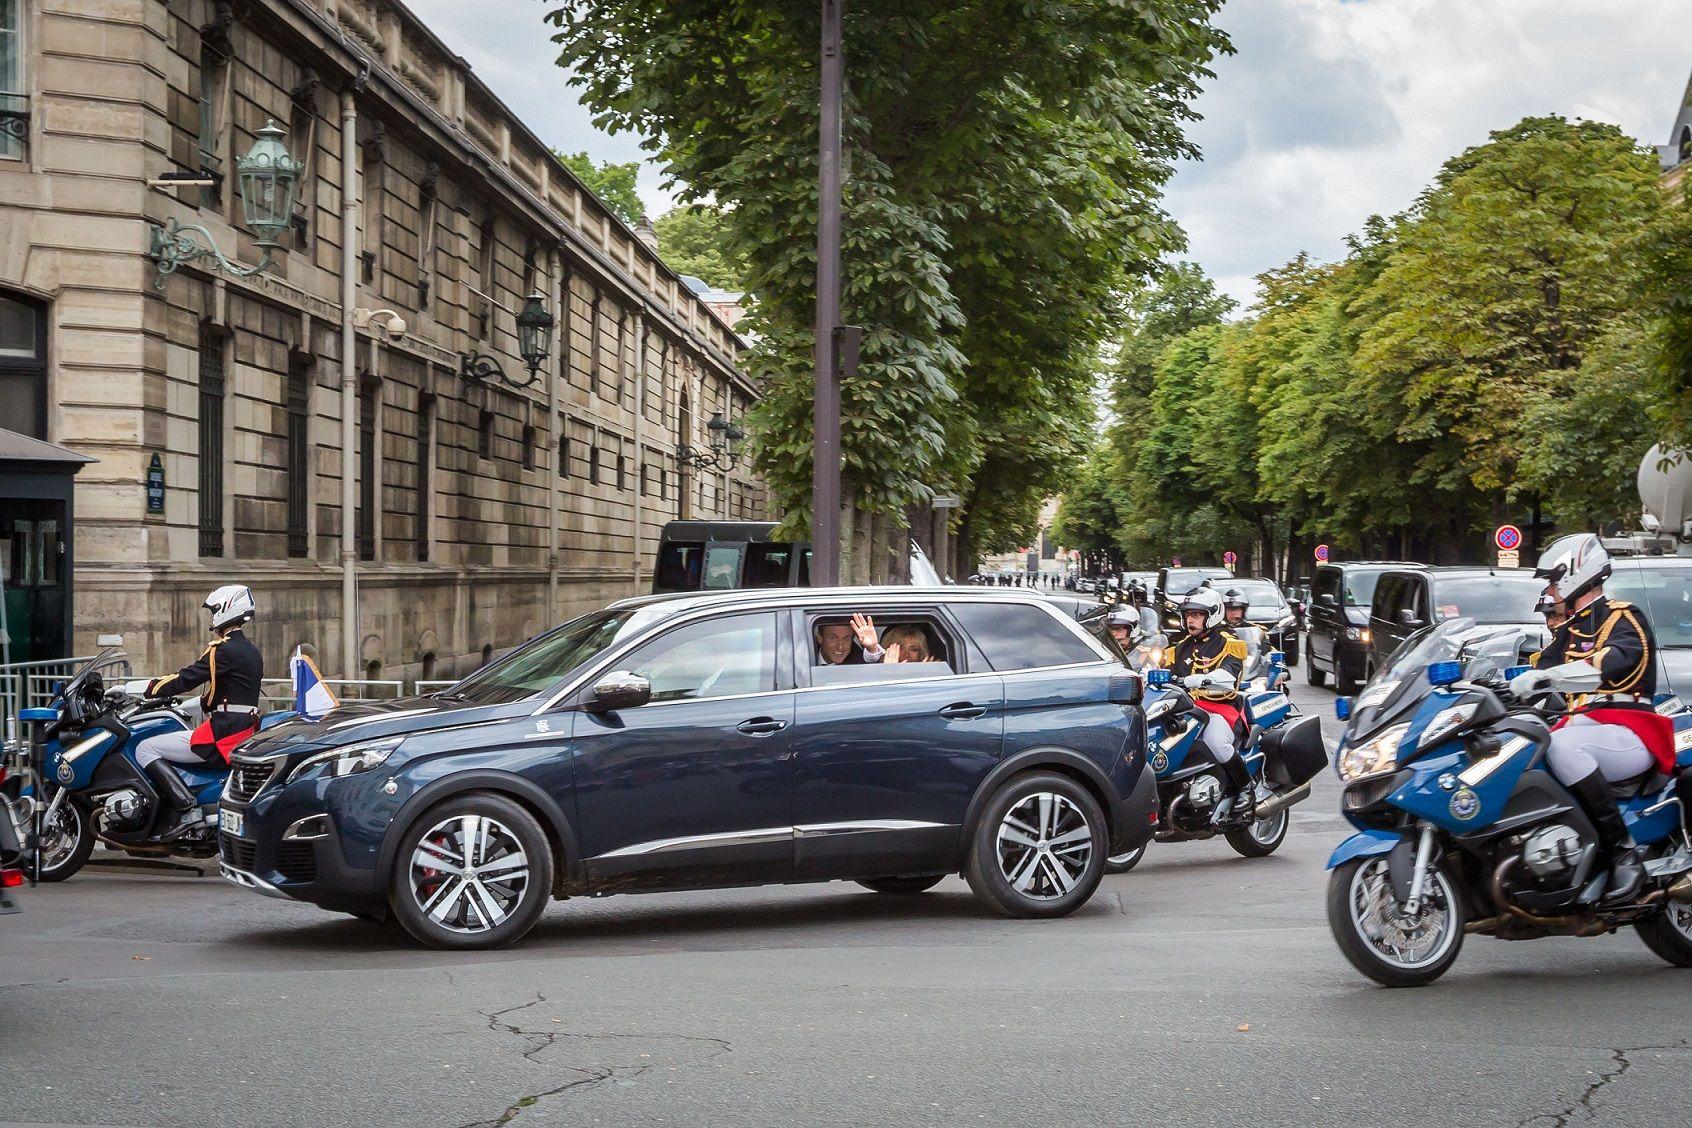 Emmanuel Macron eligió el Peugeot 5008 como vehículo oficial para los eventos de la Fiesta Nacional francesa